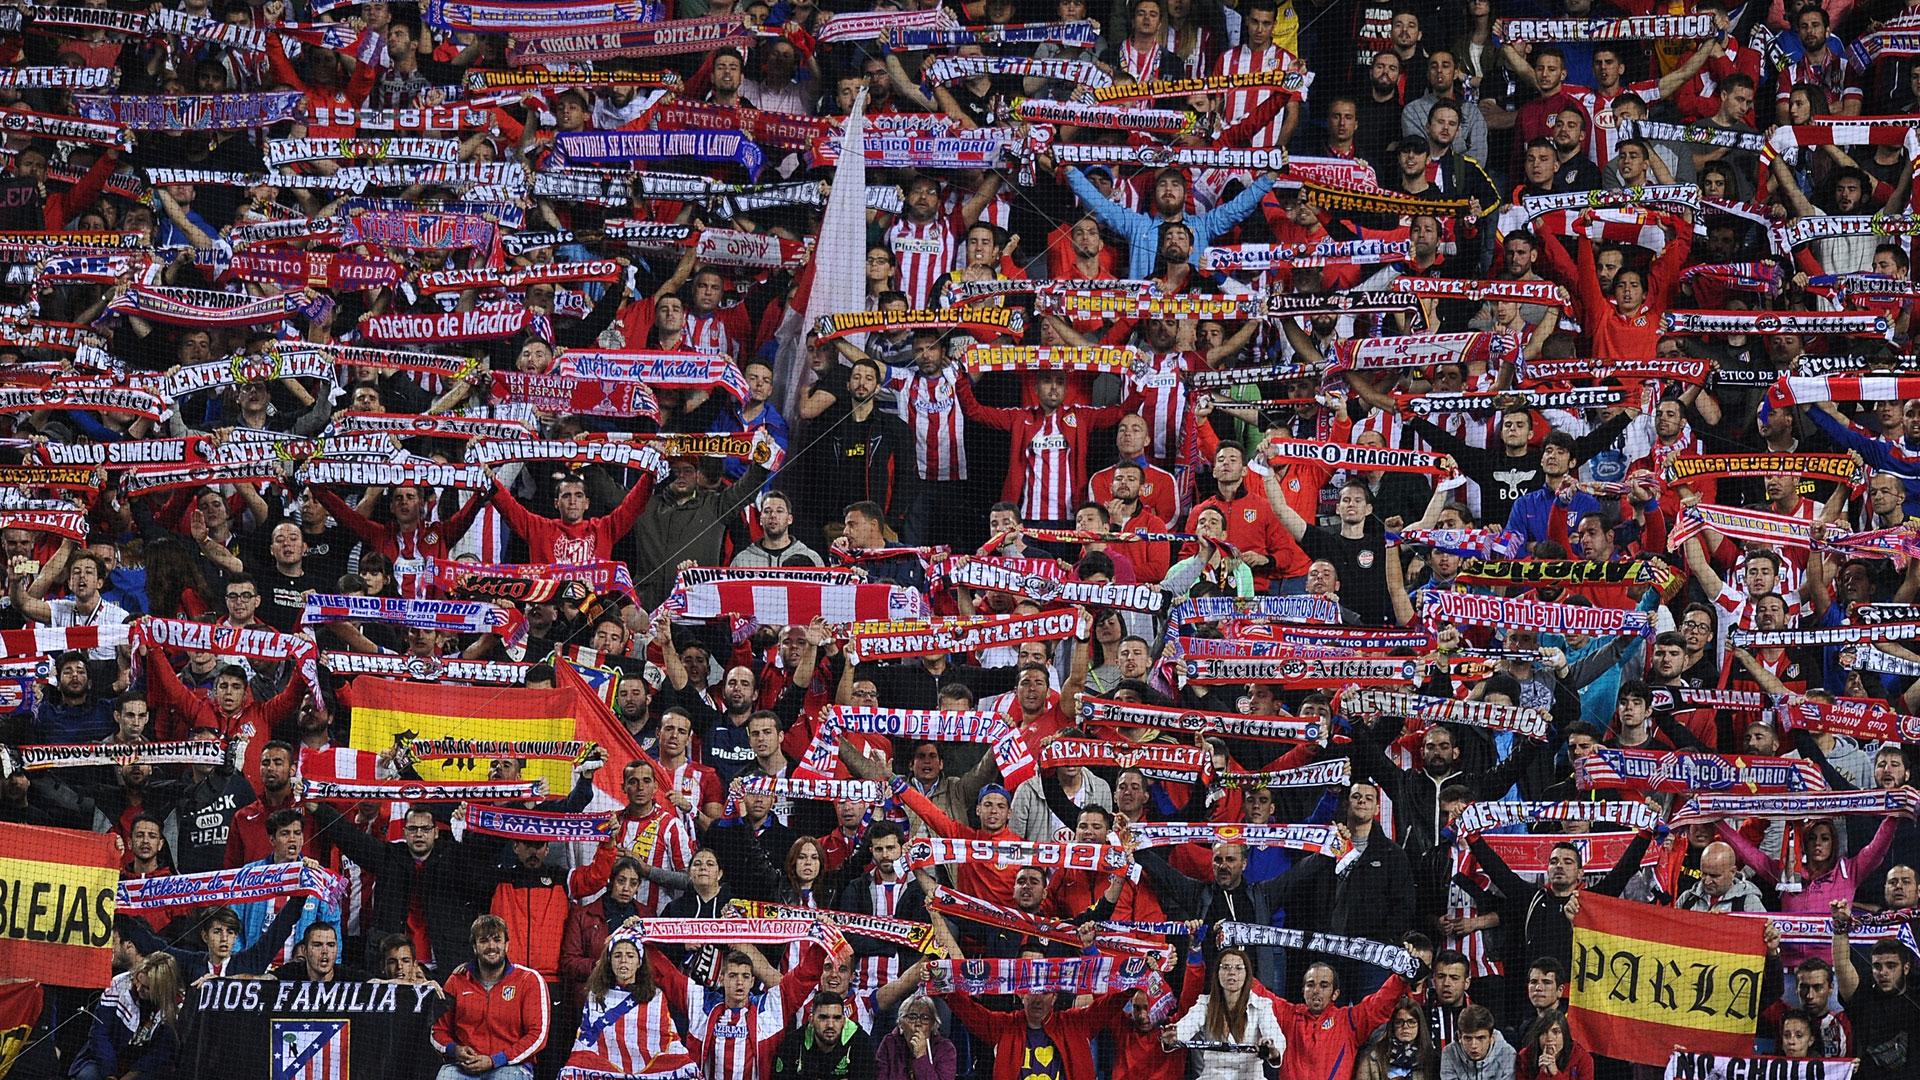 Atletico-Fans 10152016